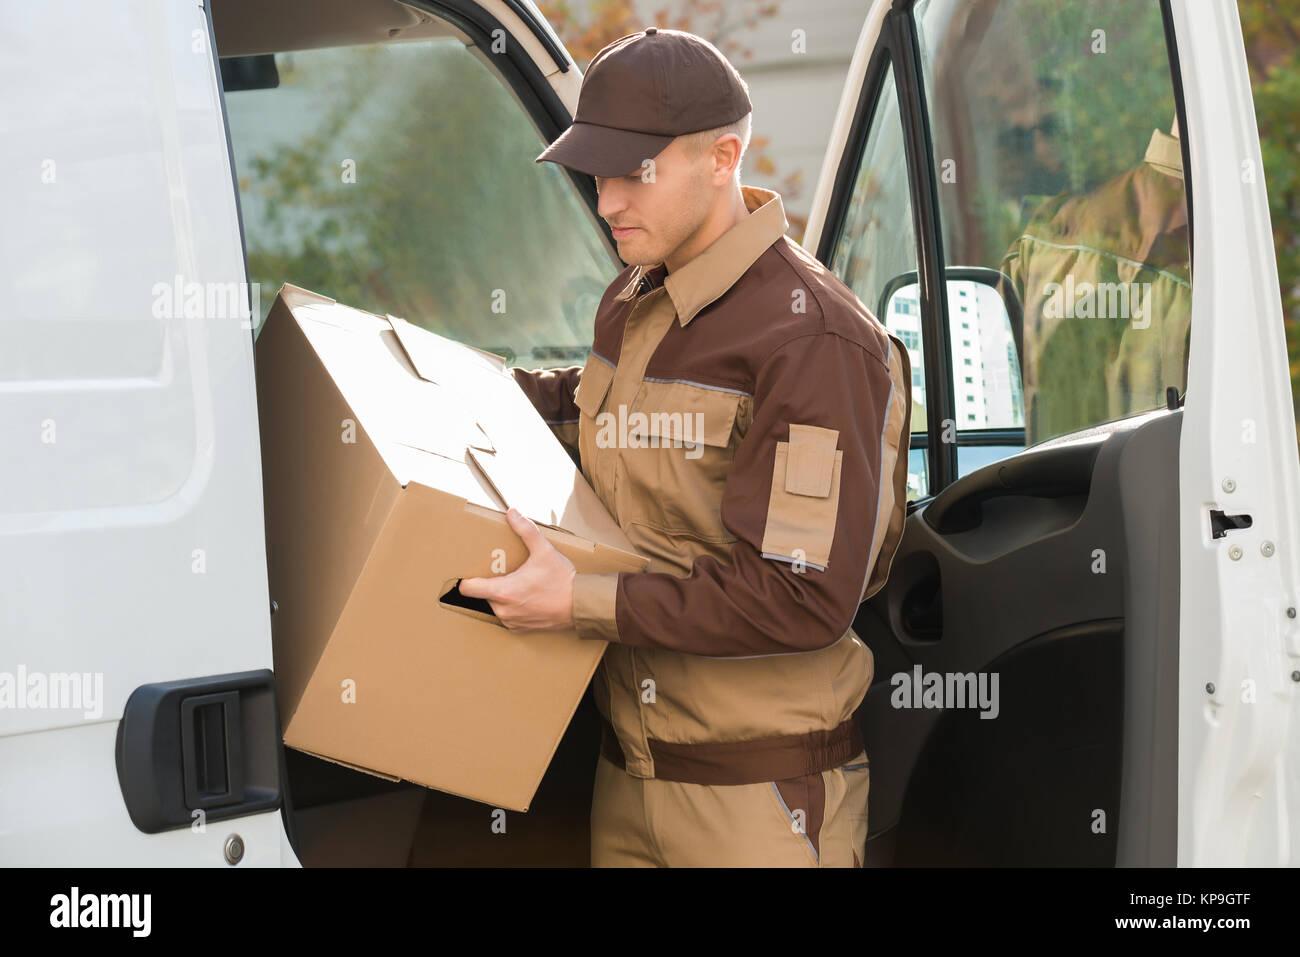 L'homme dépose de boîte en carton de livraison d'un camion Photo Stock